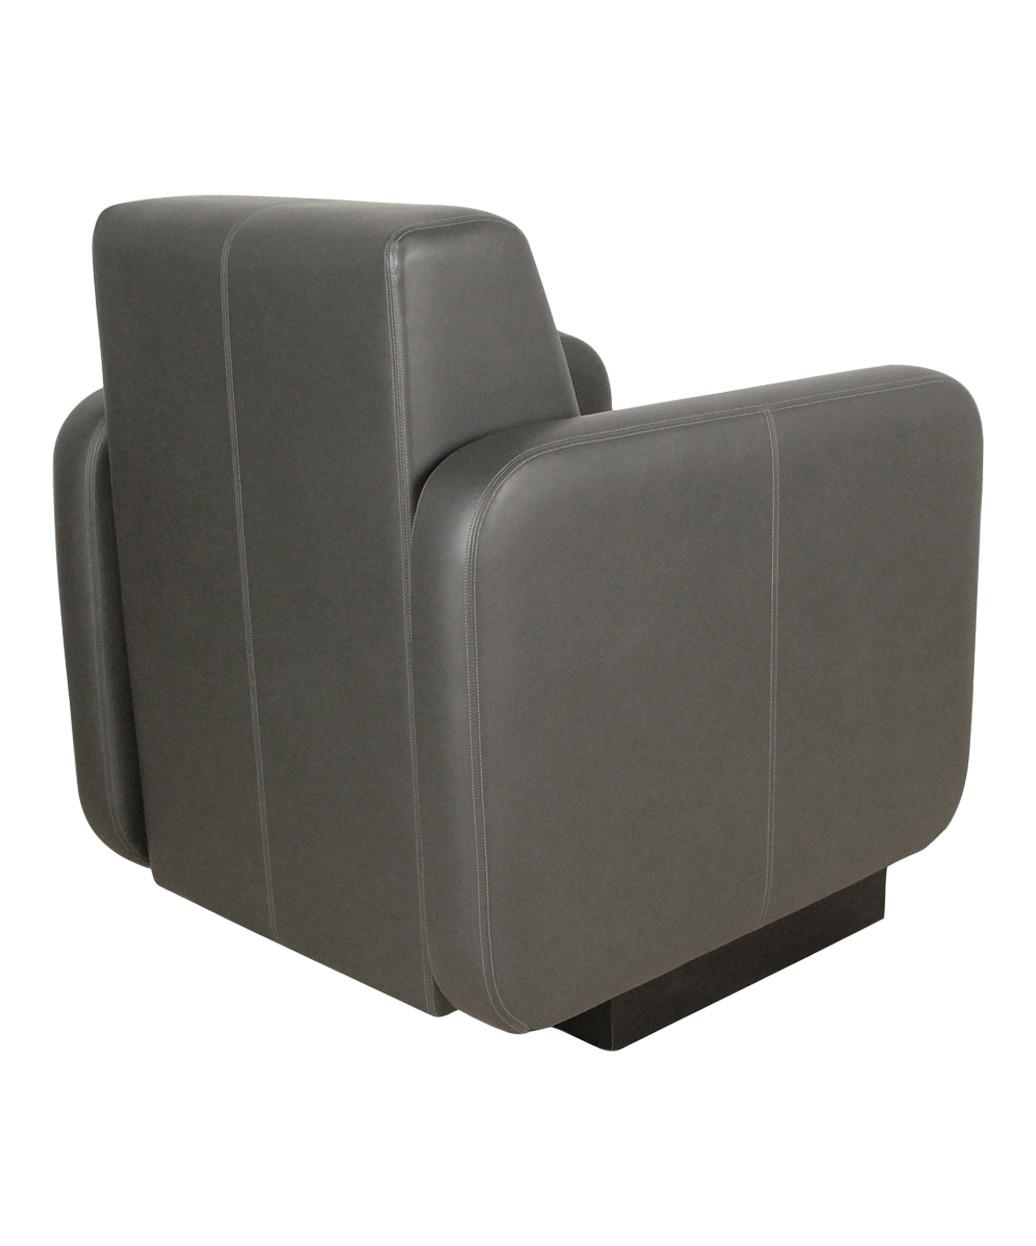 Collins 2555 Blush Club Pedicure Chair w/ footsie Bath